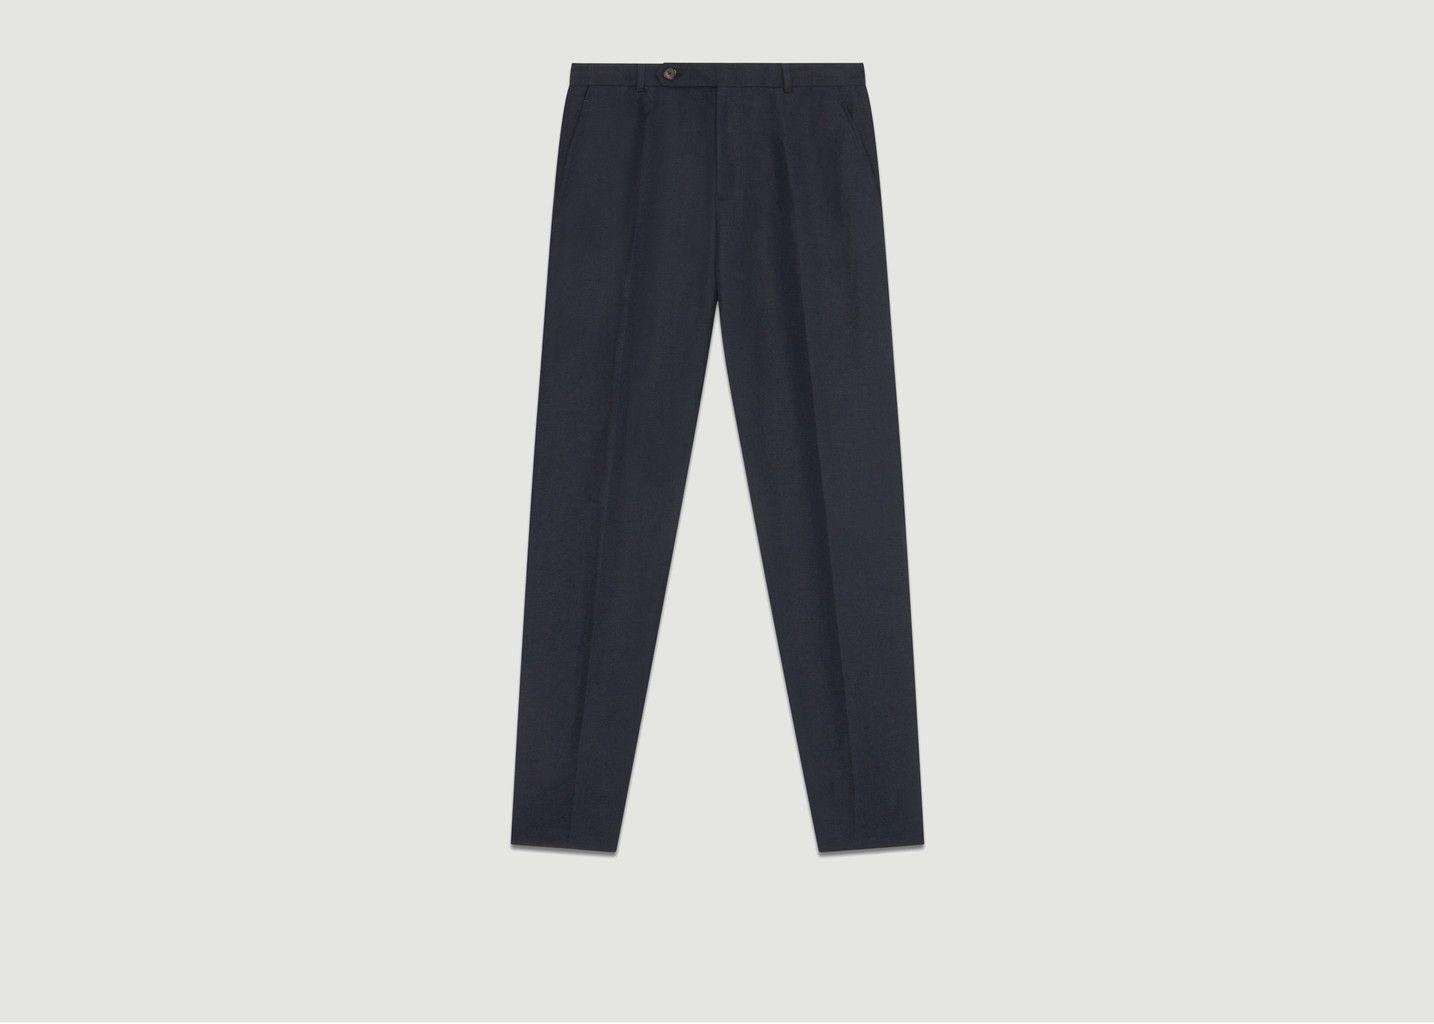 Pantalon de costume Patrick - Editions M.R